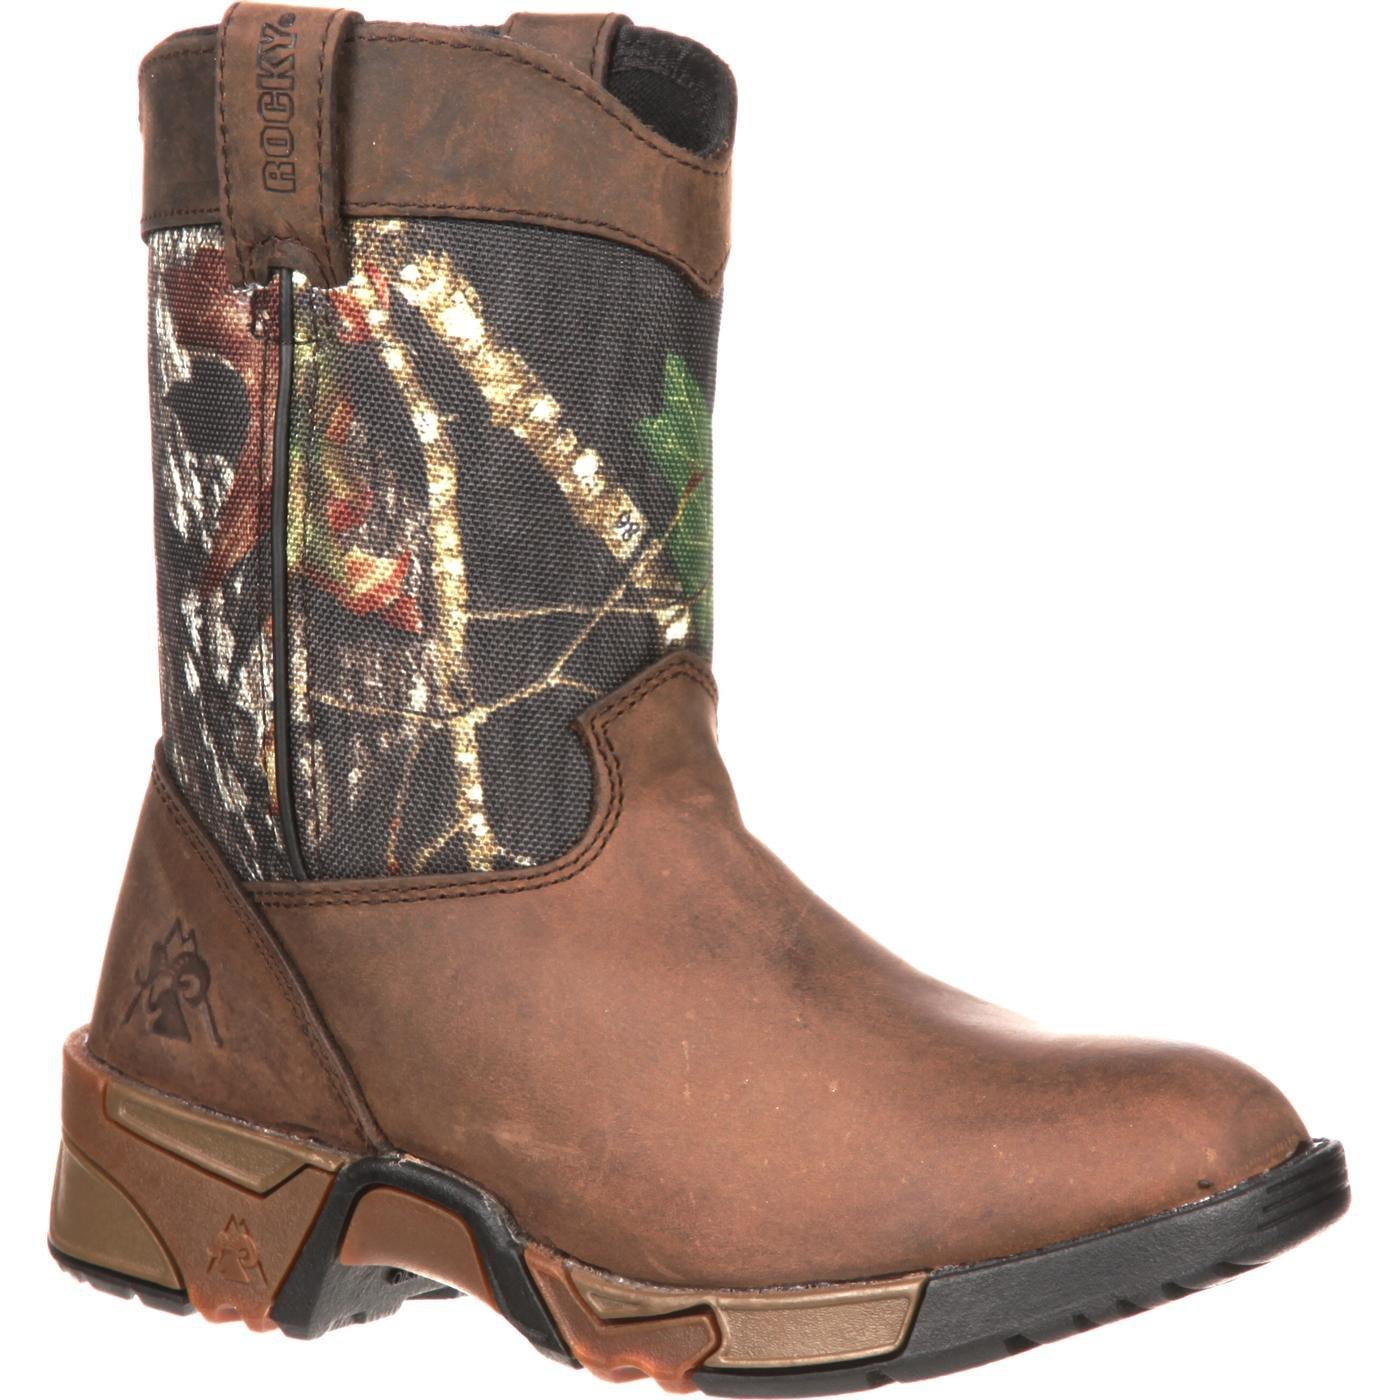 Rocky FQ0003639 Kids Aztec Wellington Boot Mossy Oak Break-Up 10.5 Regular